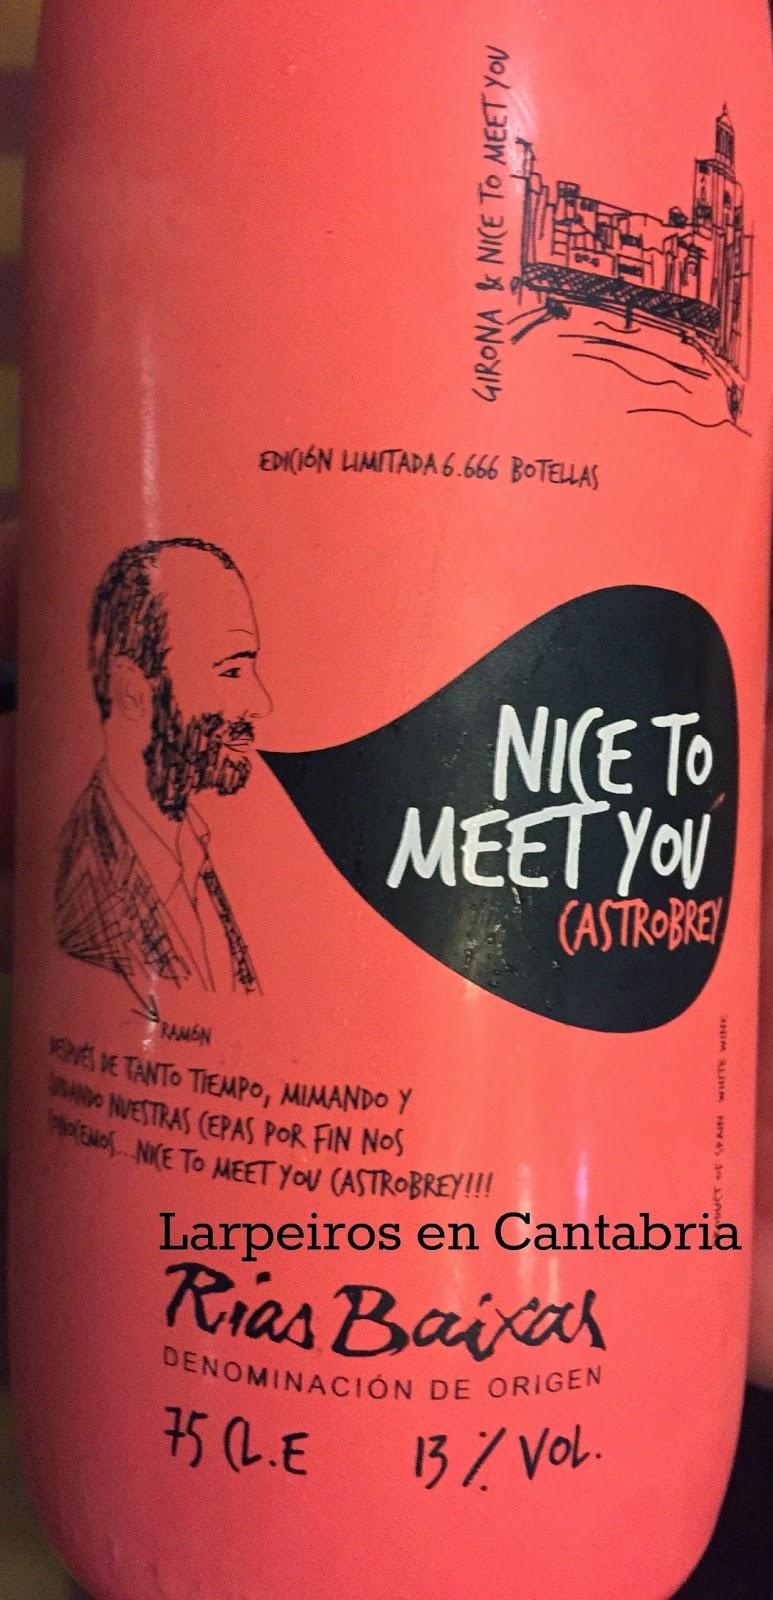 Vino Blanco Nice To Meet You 2013: De un amigo por un amigo